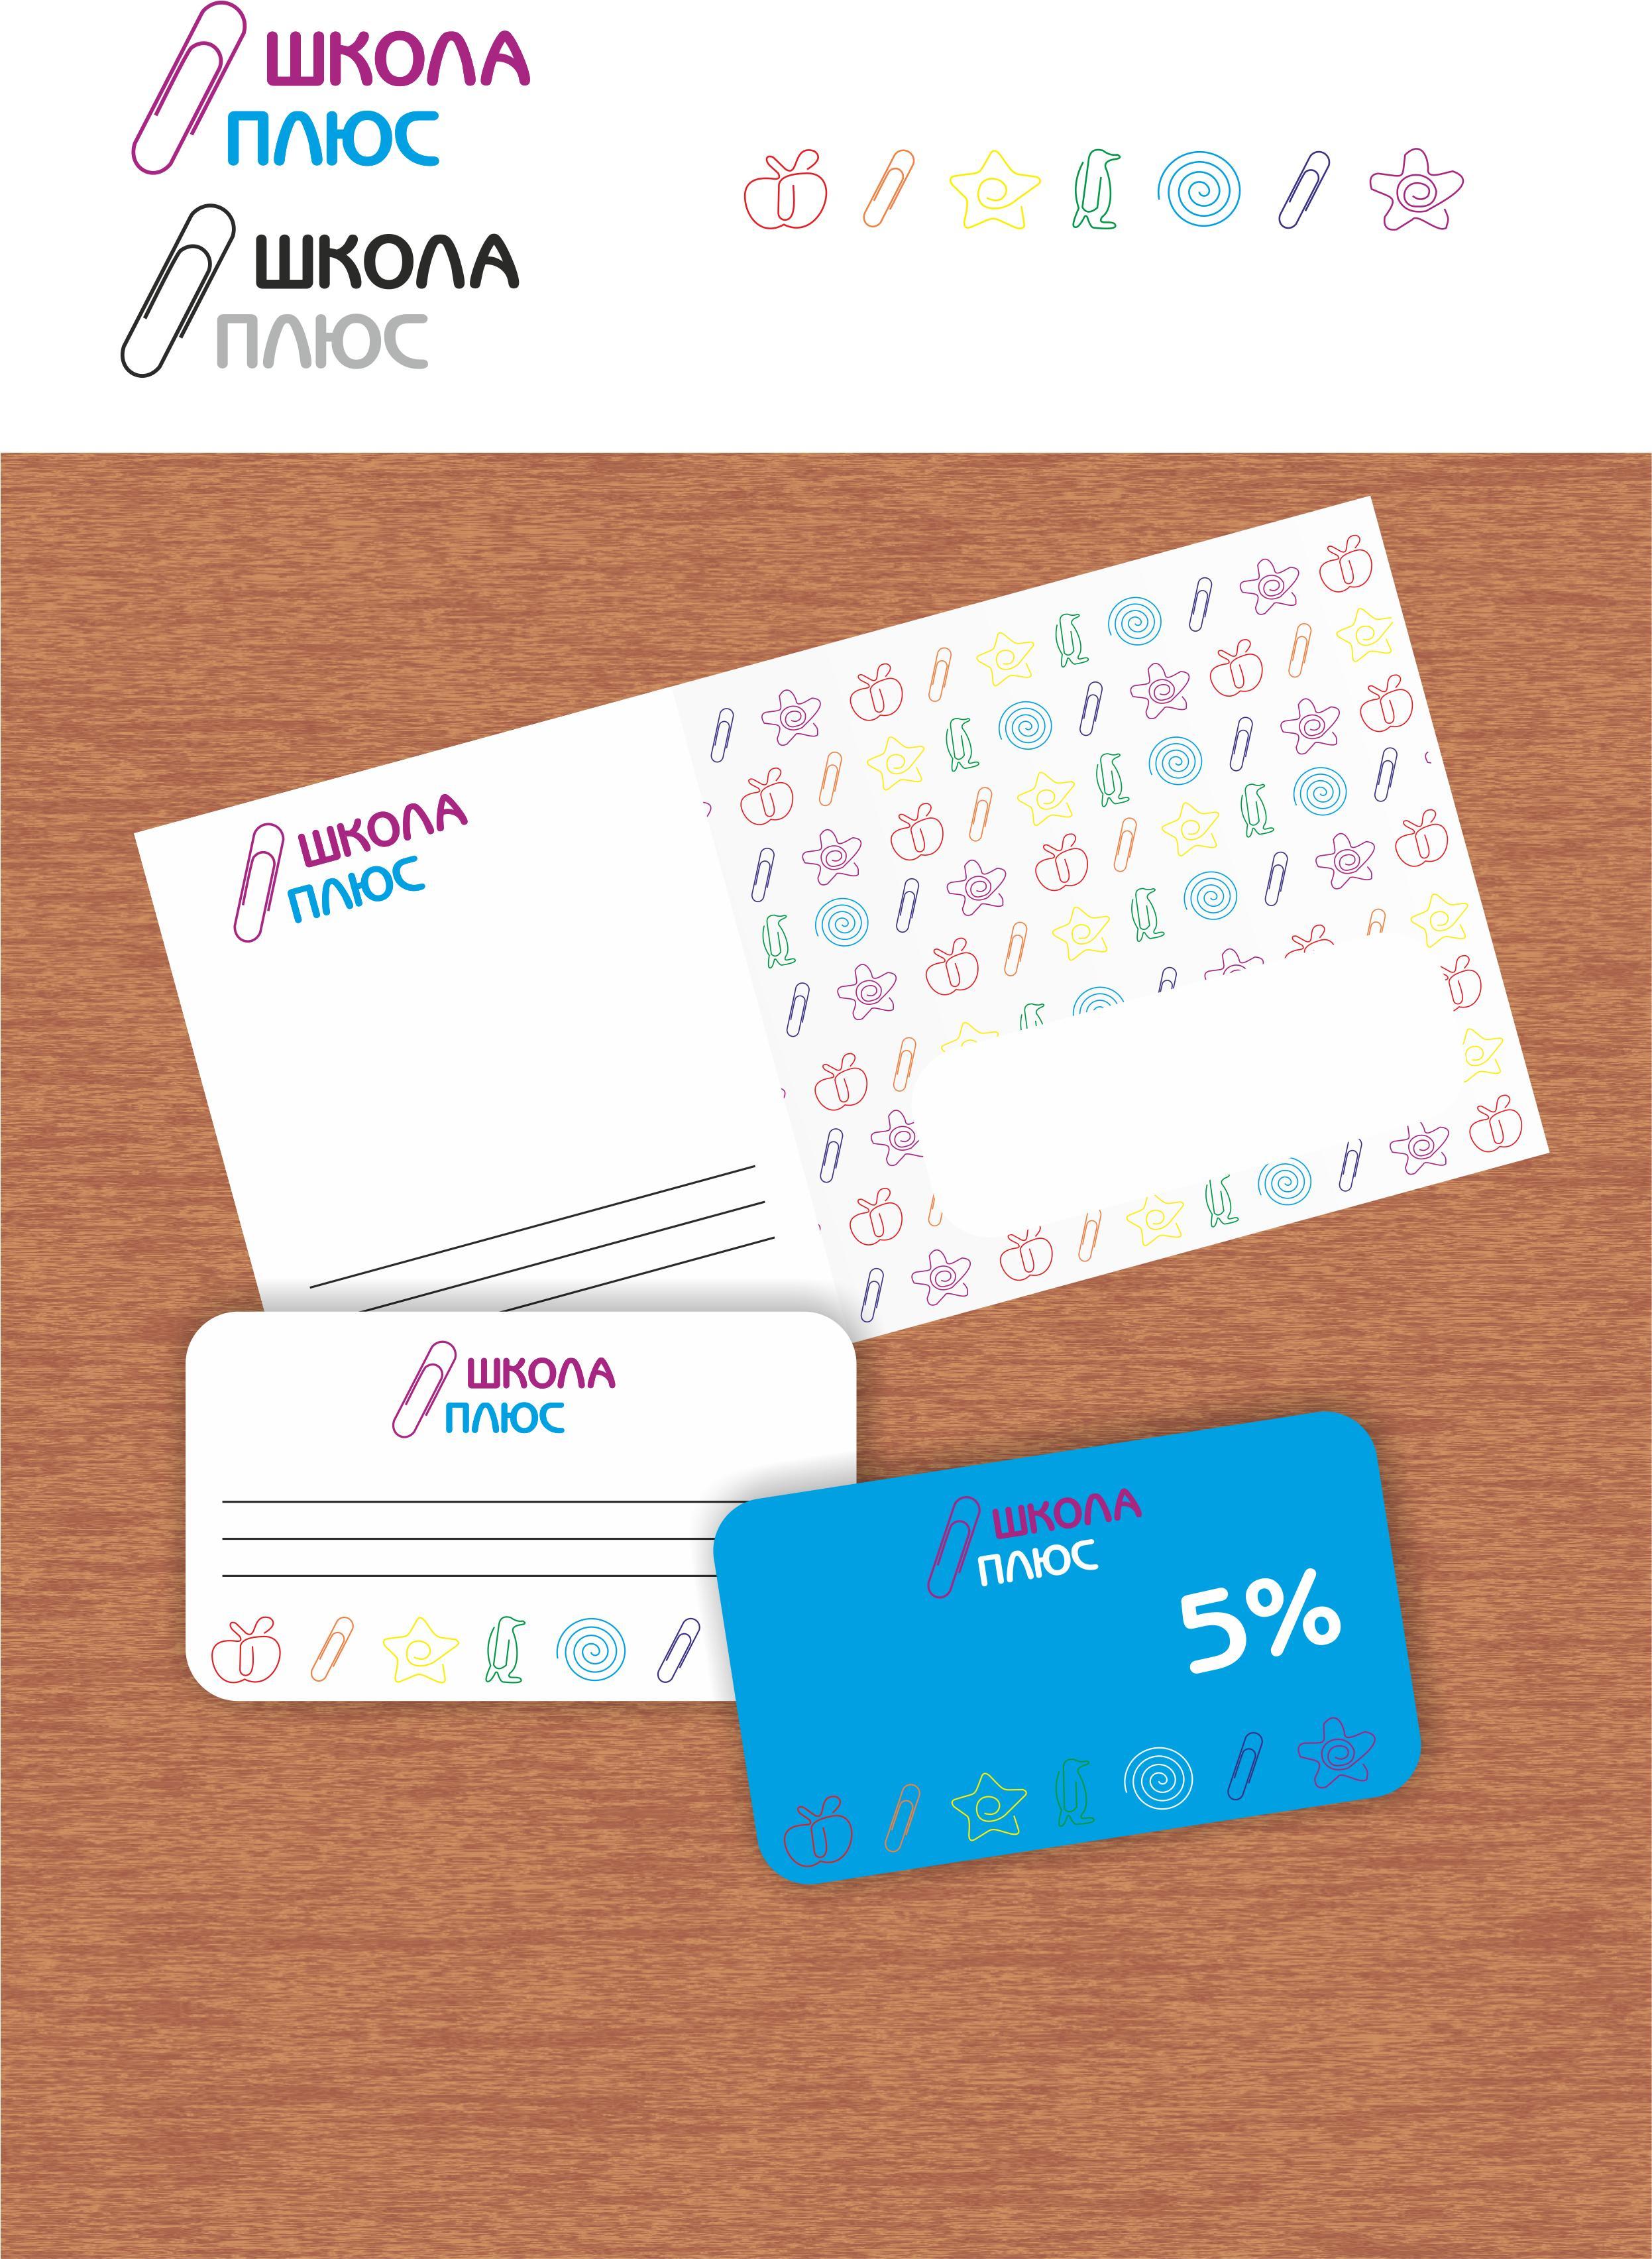 Разработка логотипа и пары элементов фирменного стиля фото f_4dad7bb44e4c6.jpg